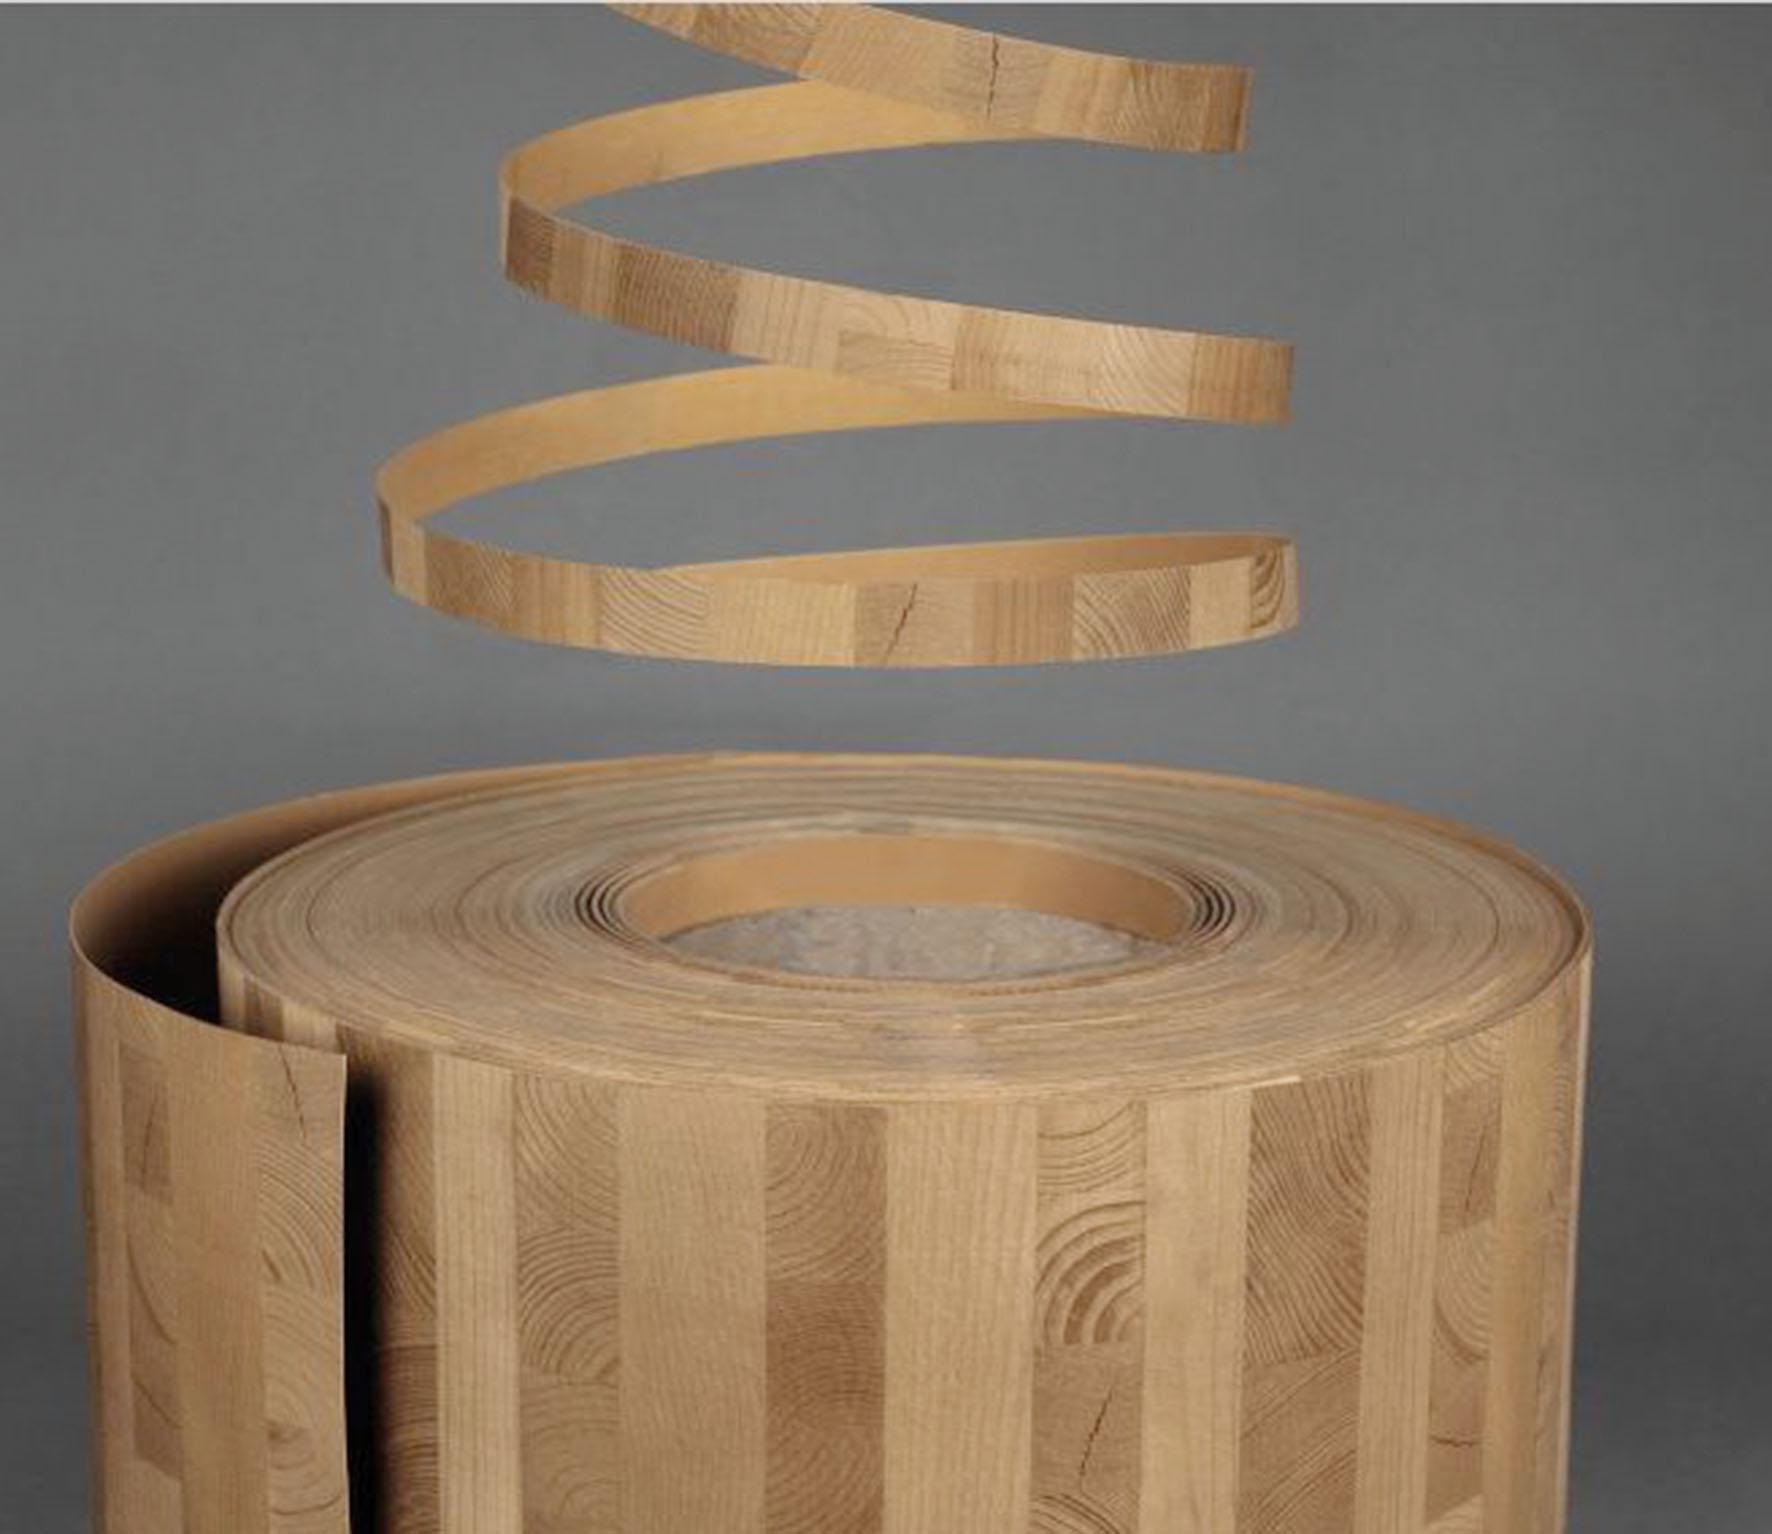 Firma Cantisa zainspirowała się modnym materiałem budowlanym CLT i proponuje obrzeża w tym właśnie wzorze. Fot. Cantisa